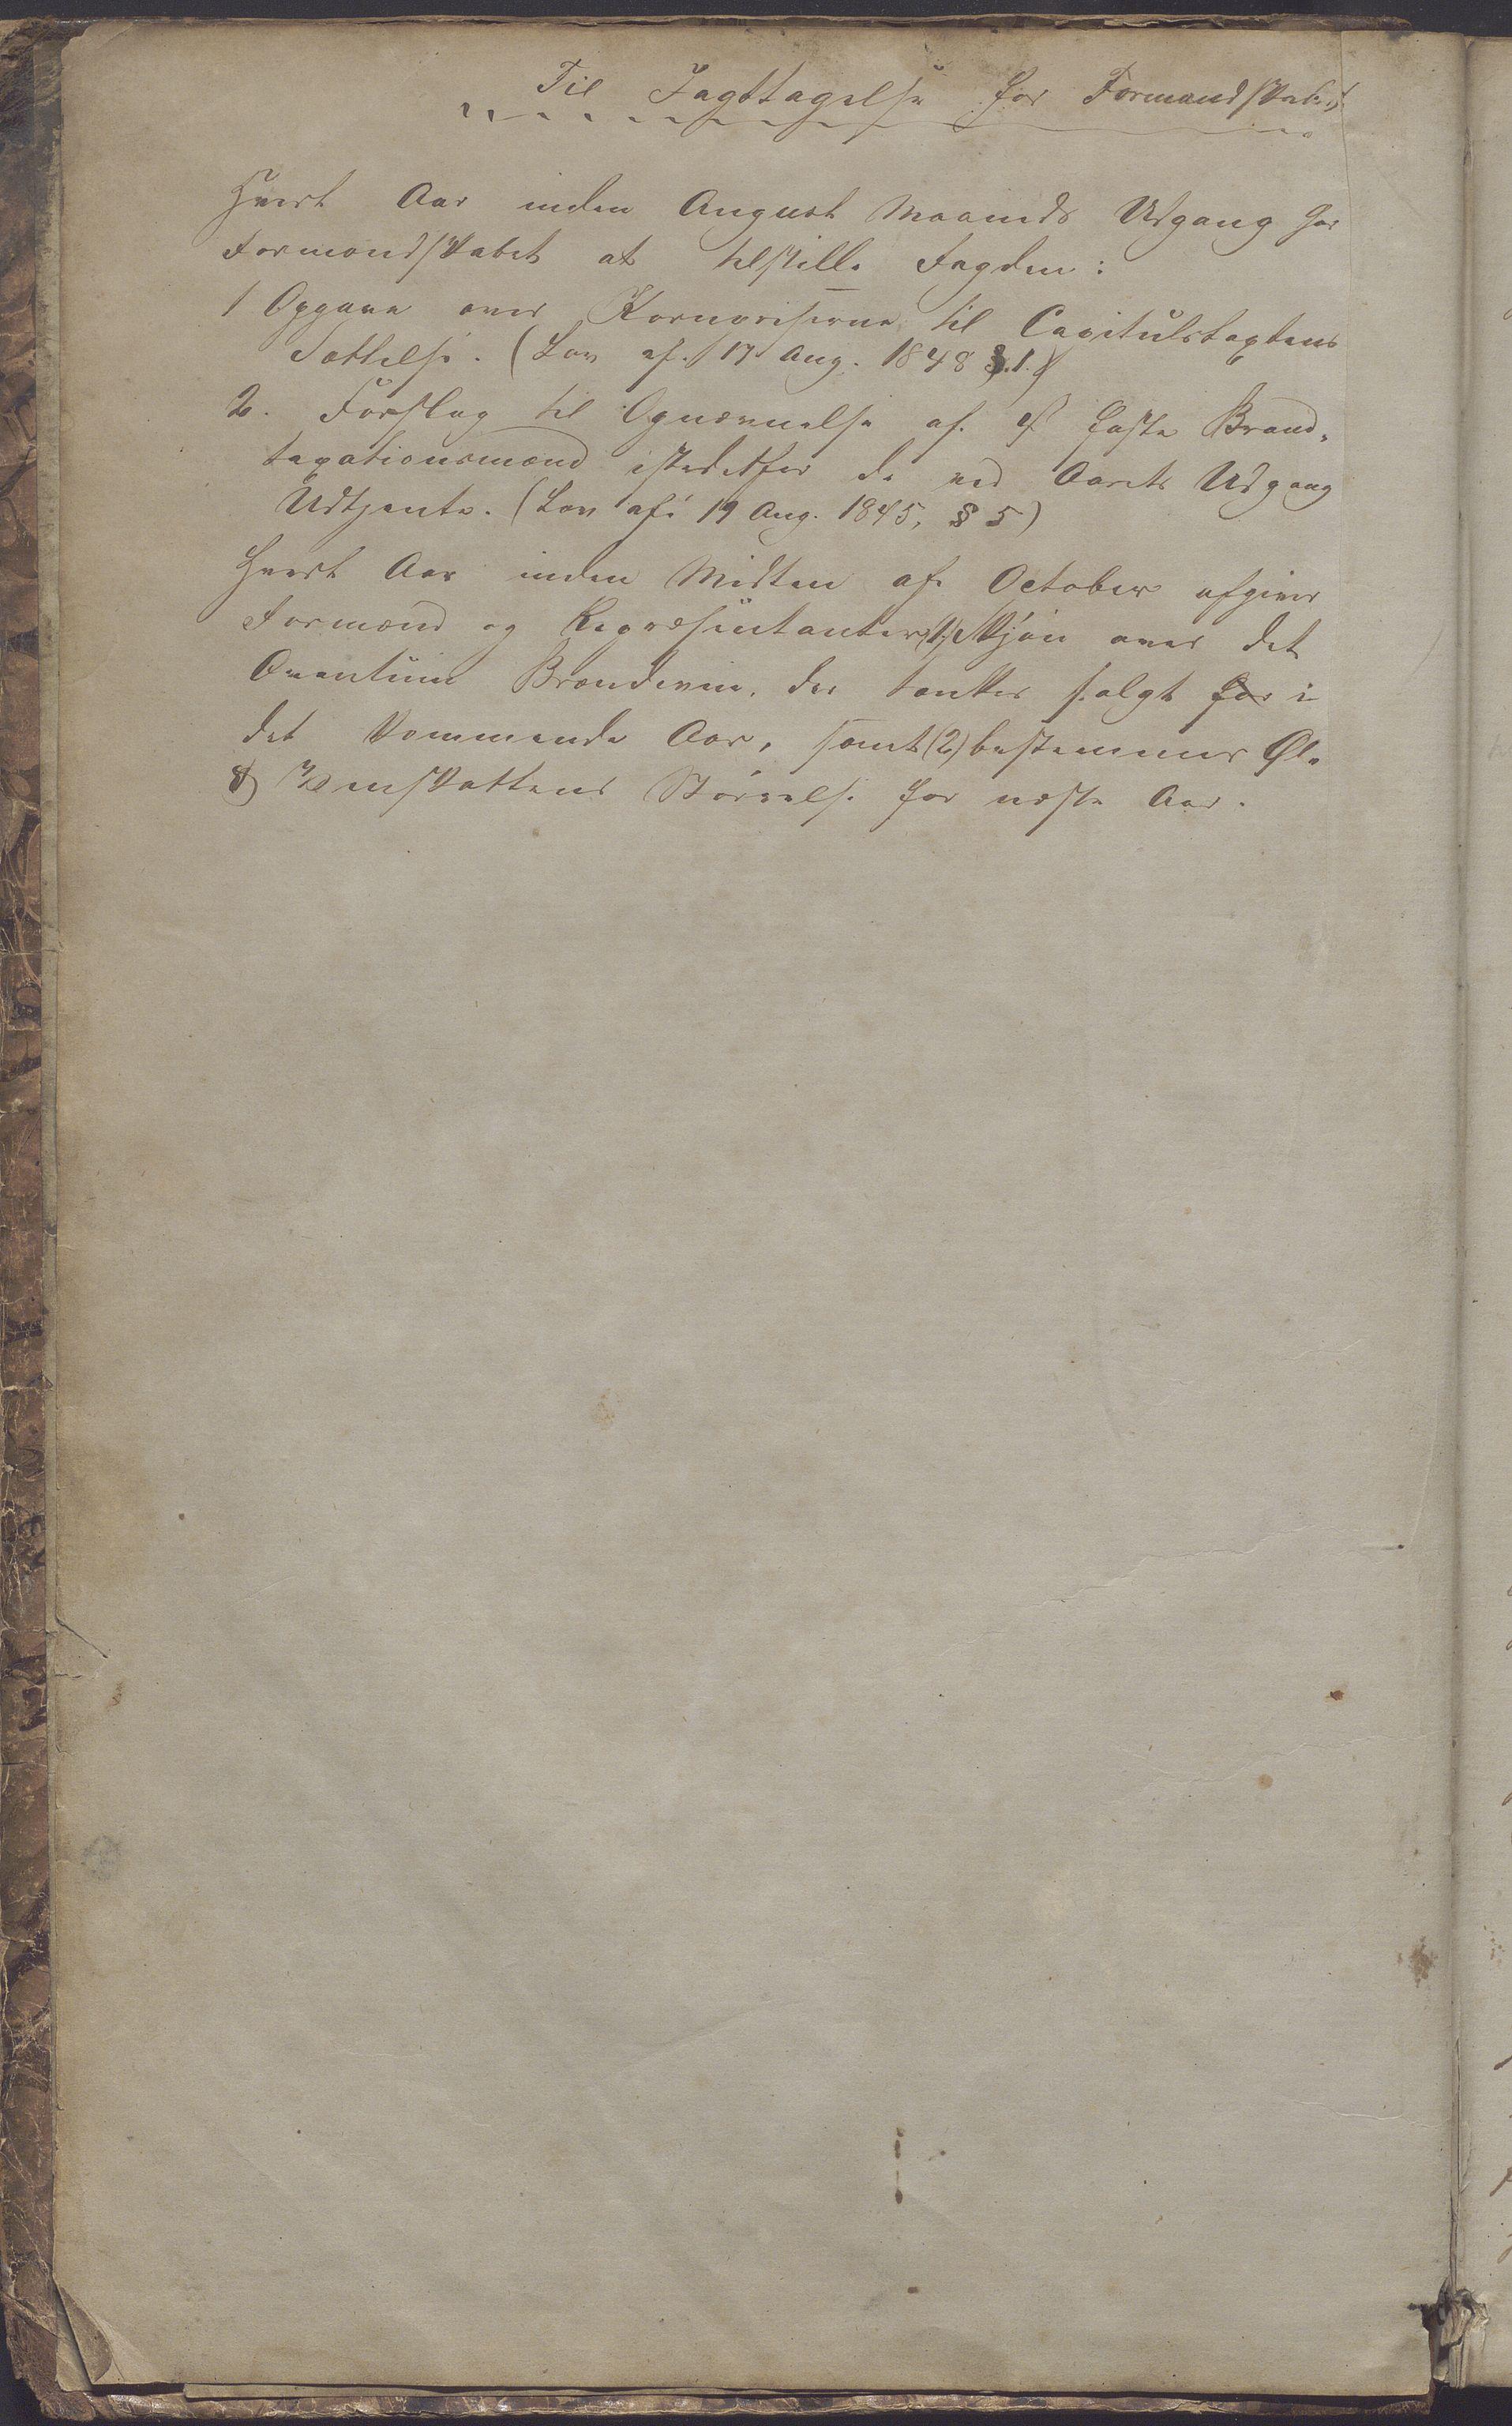 IKAR, Sogndal ladested - Formannskapet/kommunestyret, A/L0001: Møtebok, 1858-1887